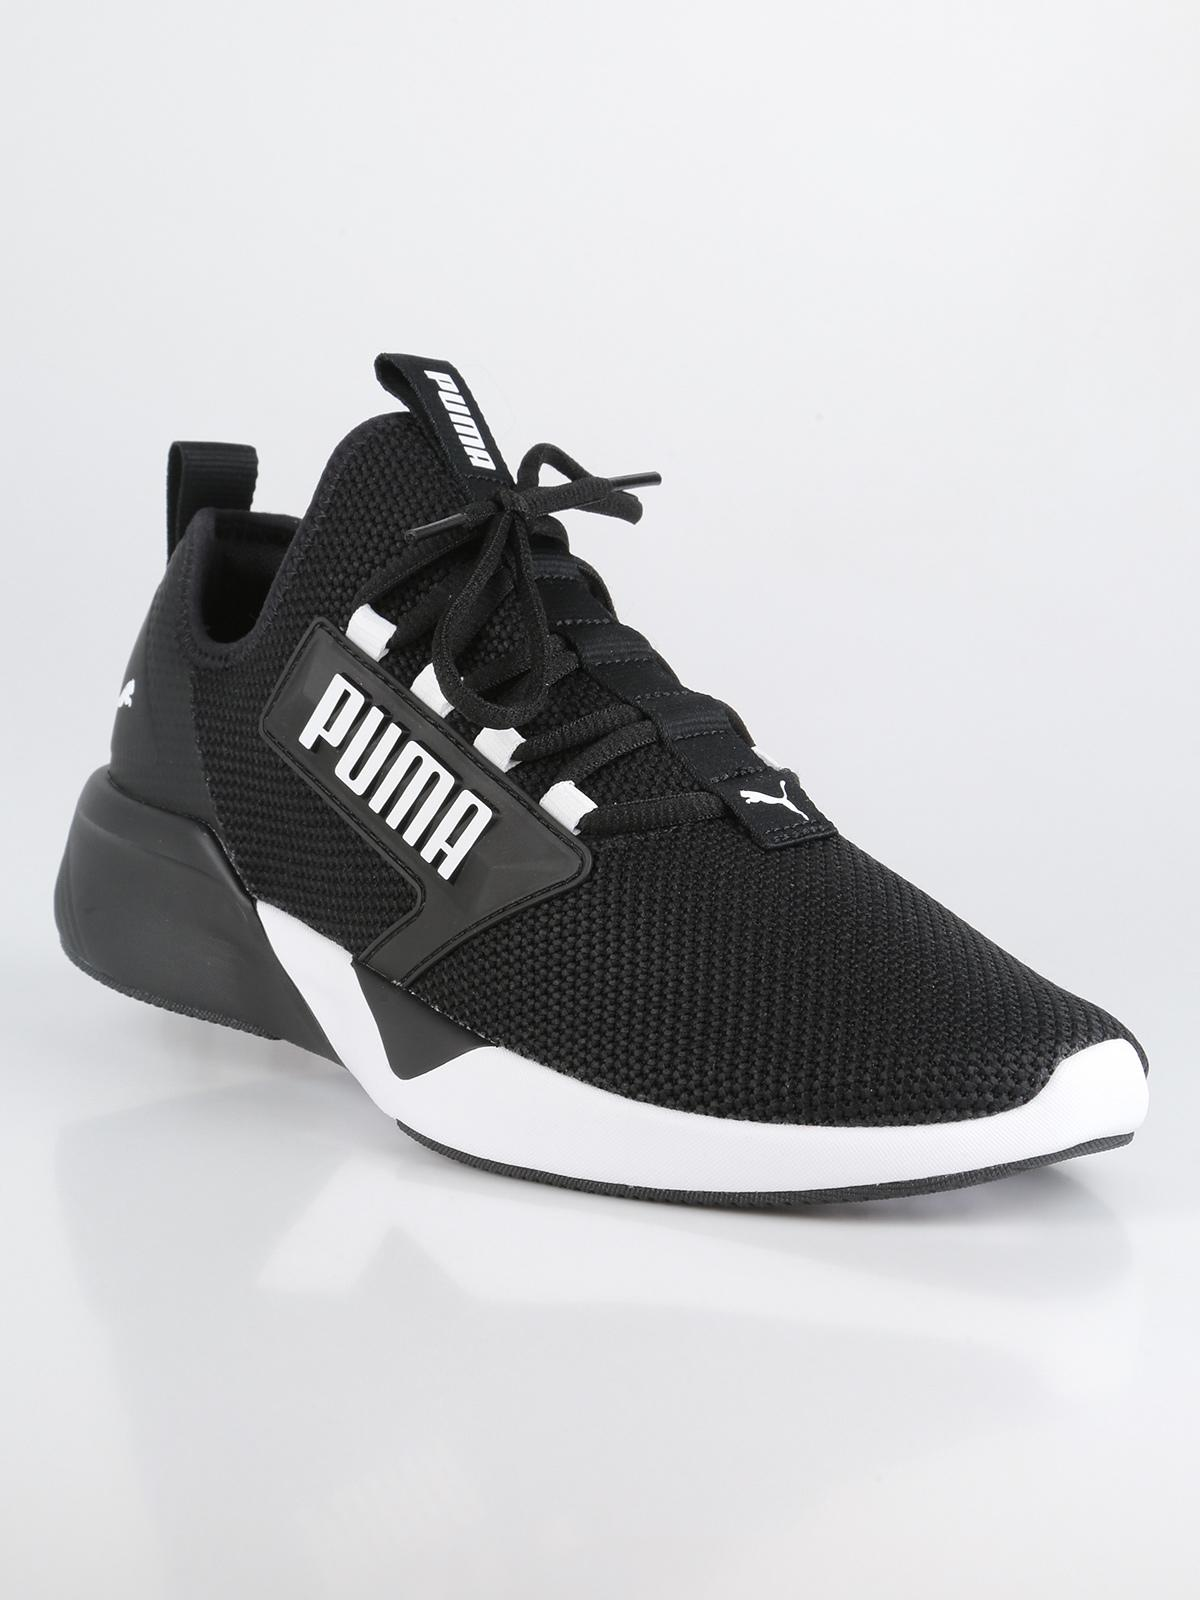 puma scarpe nere basse